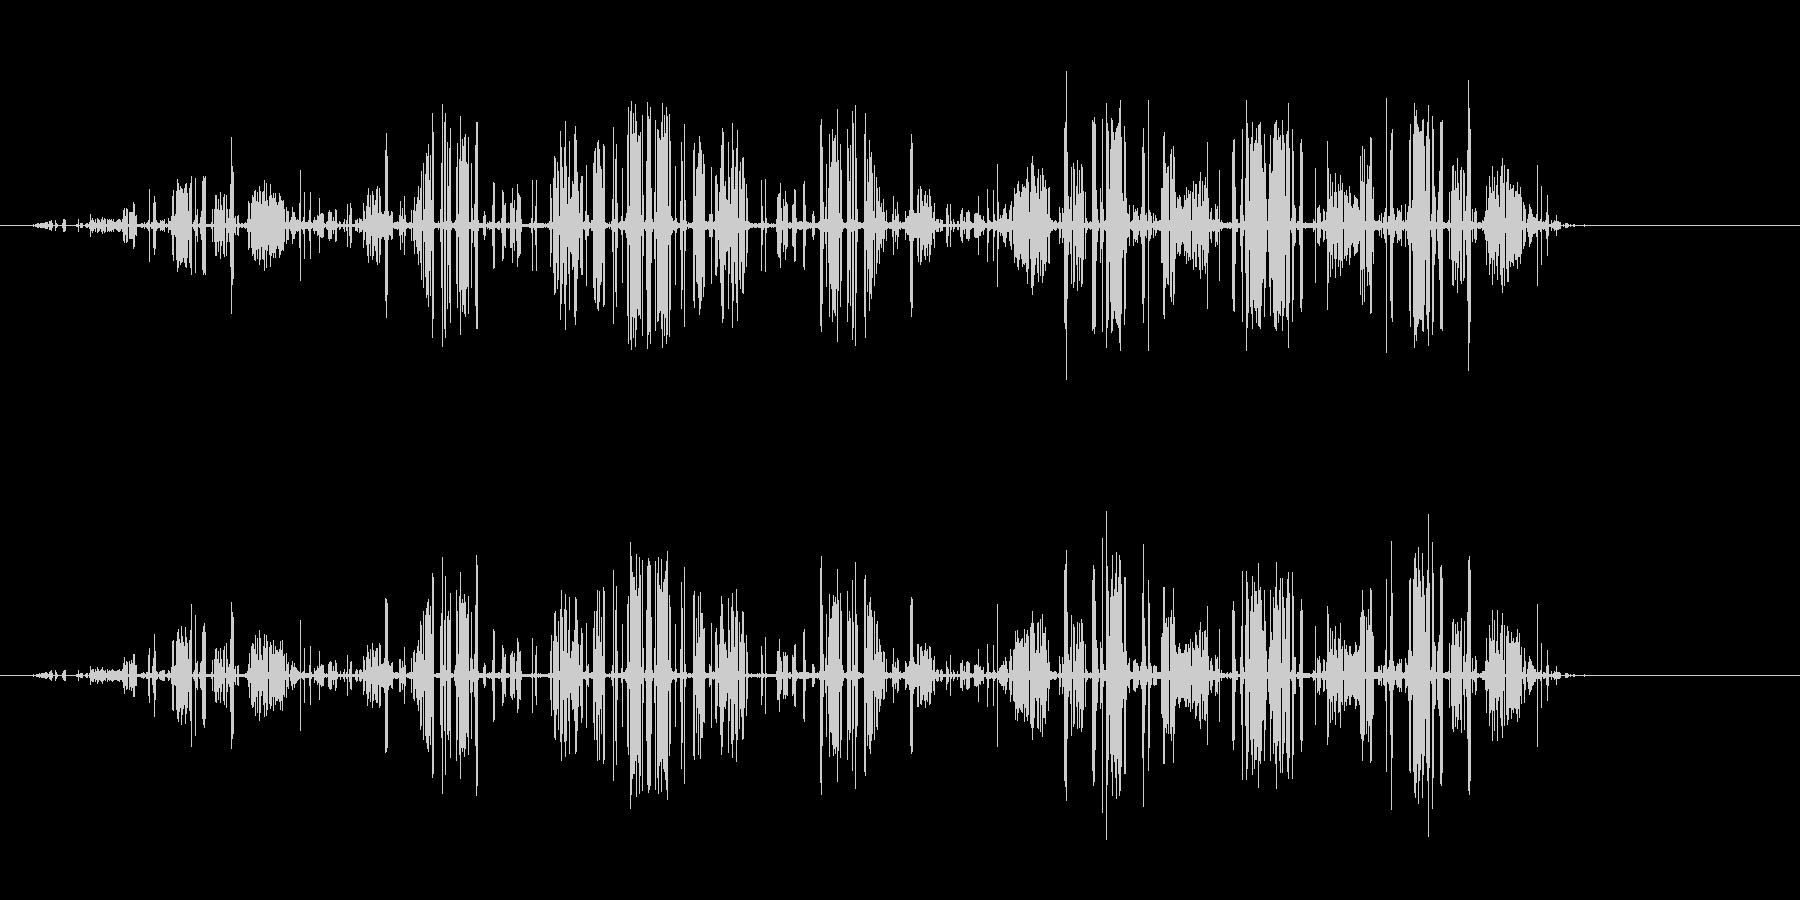 【電気の音】電流、ビビッ、バリバリ、ビリの未再生の波形